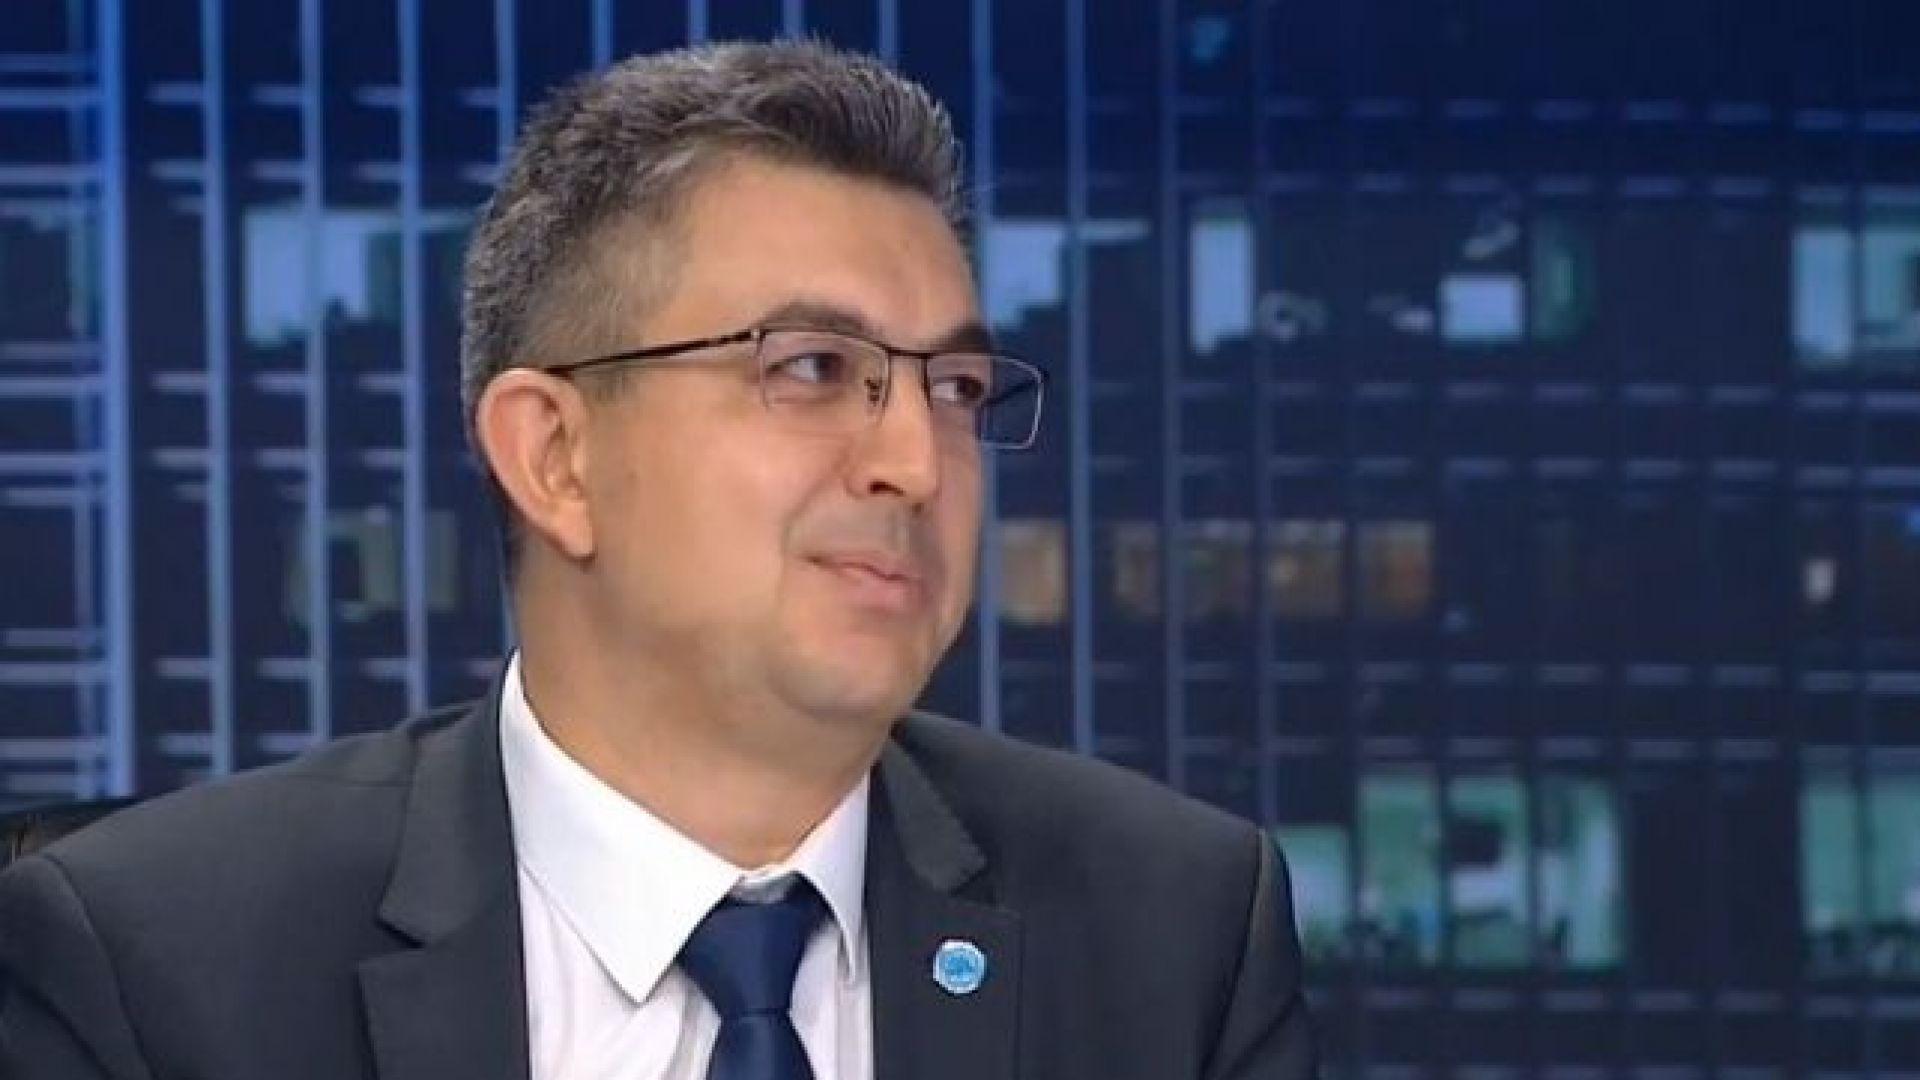 Пламен Николов: Не сме имали премиер като мен